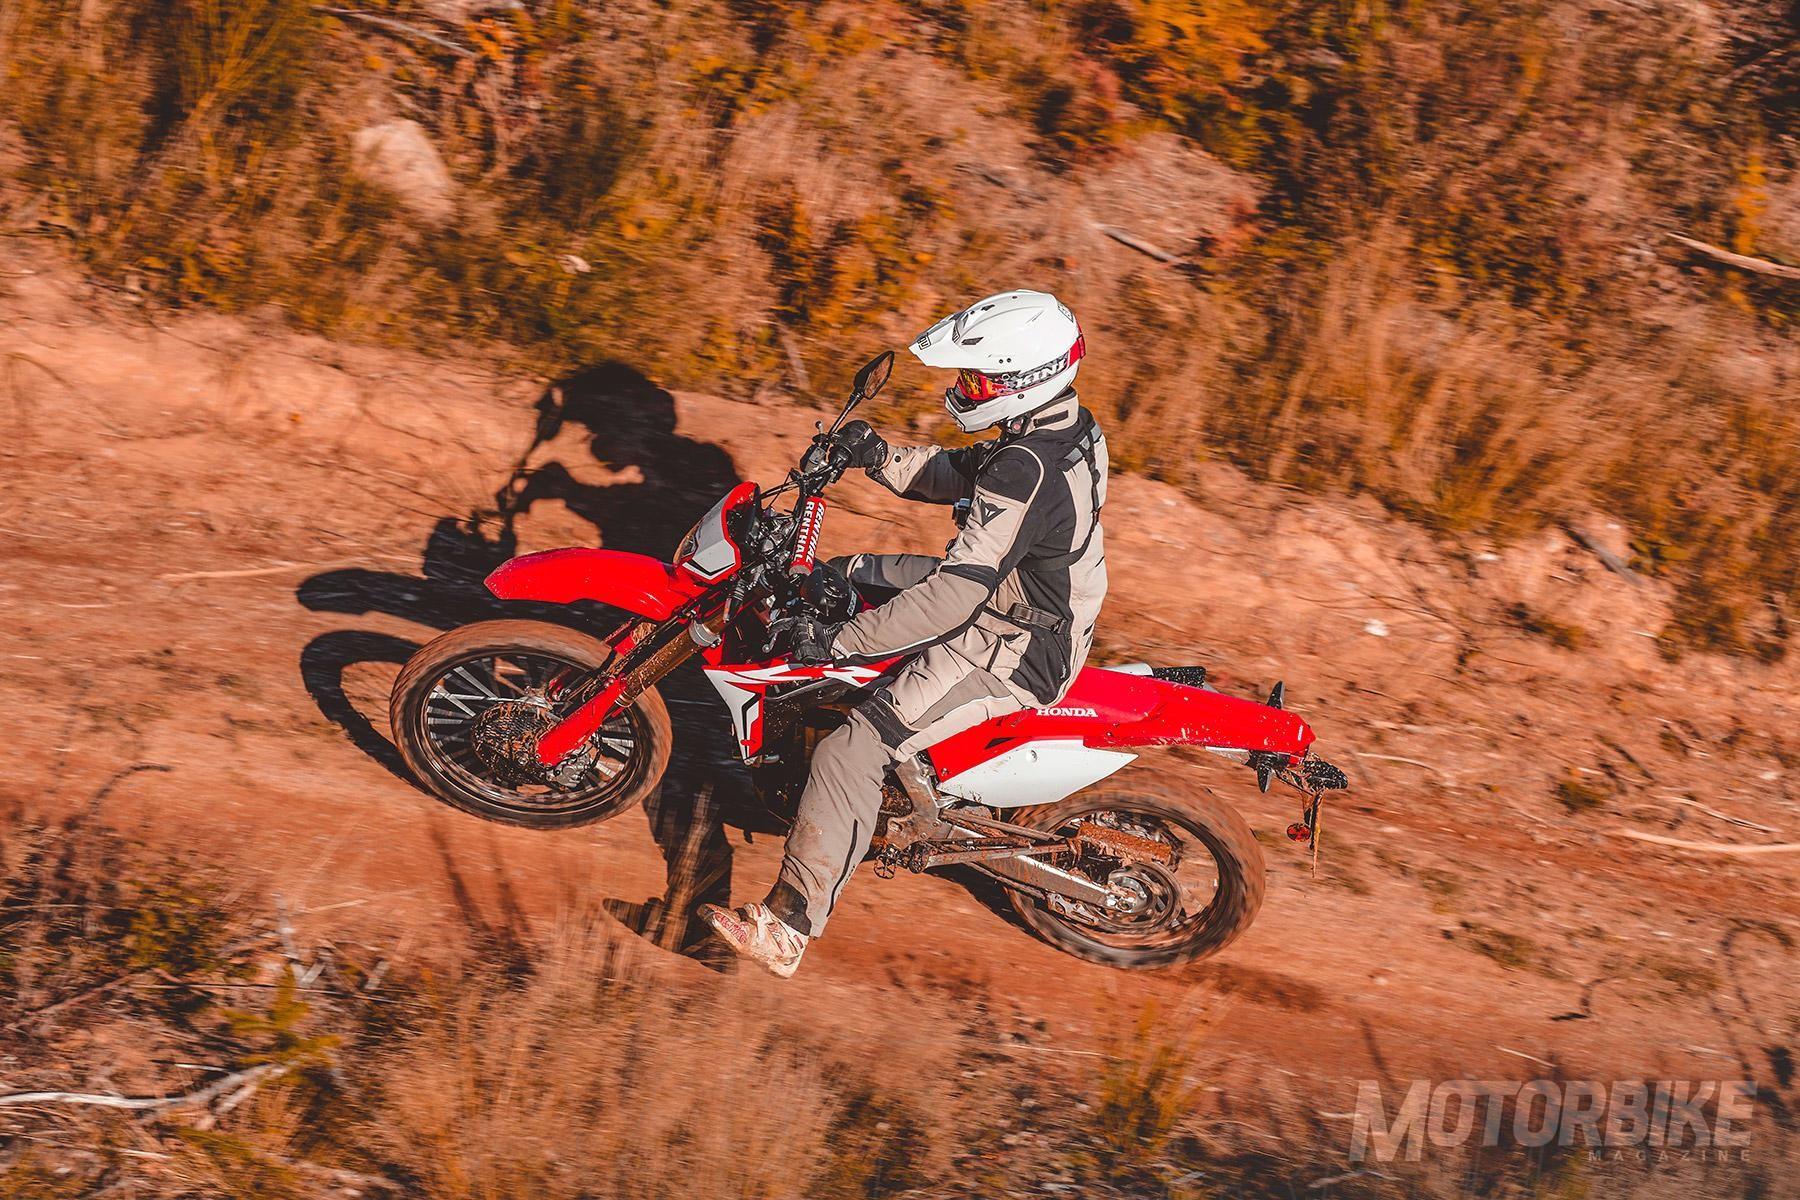 129fb0a97f7 Seguimos con Honda, ya que existen otras motos A2 en la marca del ala  dorada con un carácter puramente trail y en dos cilindradas.